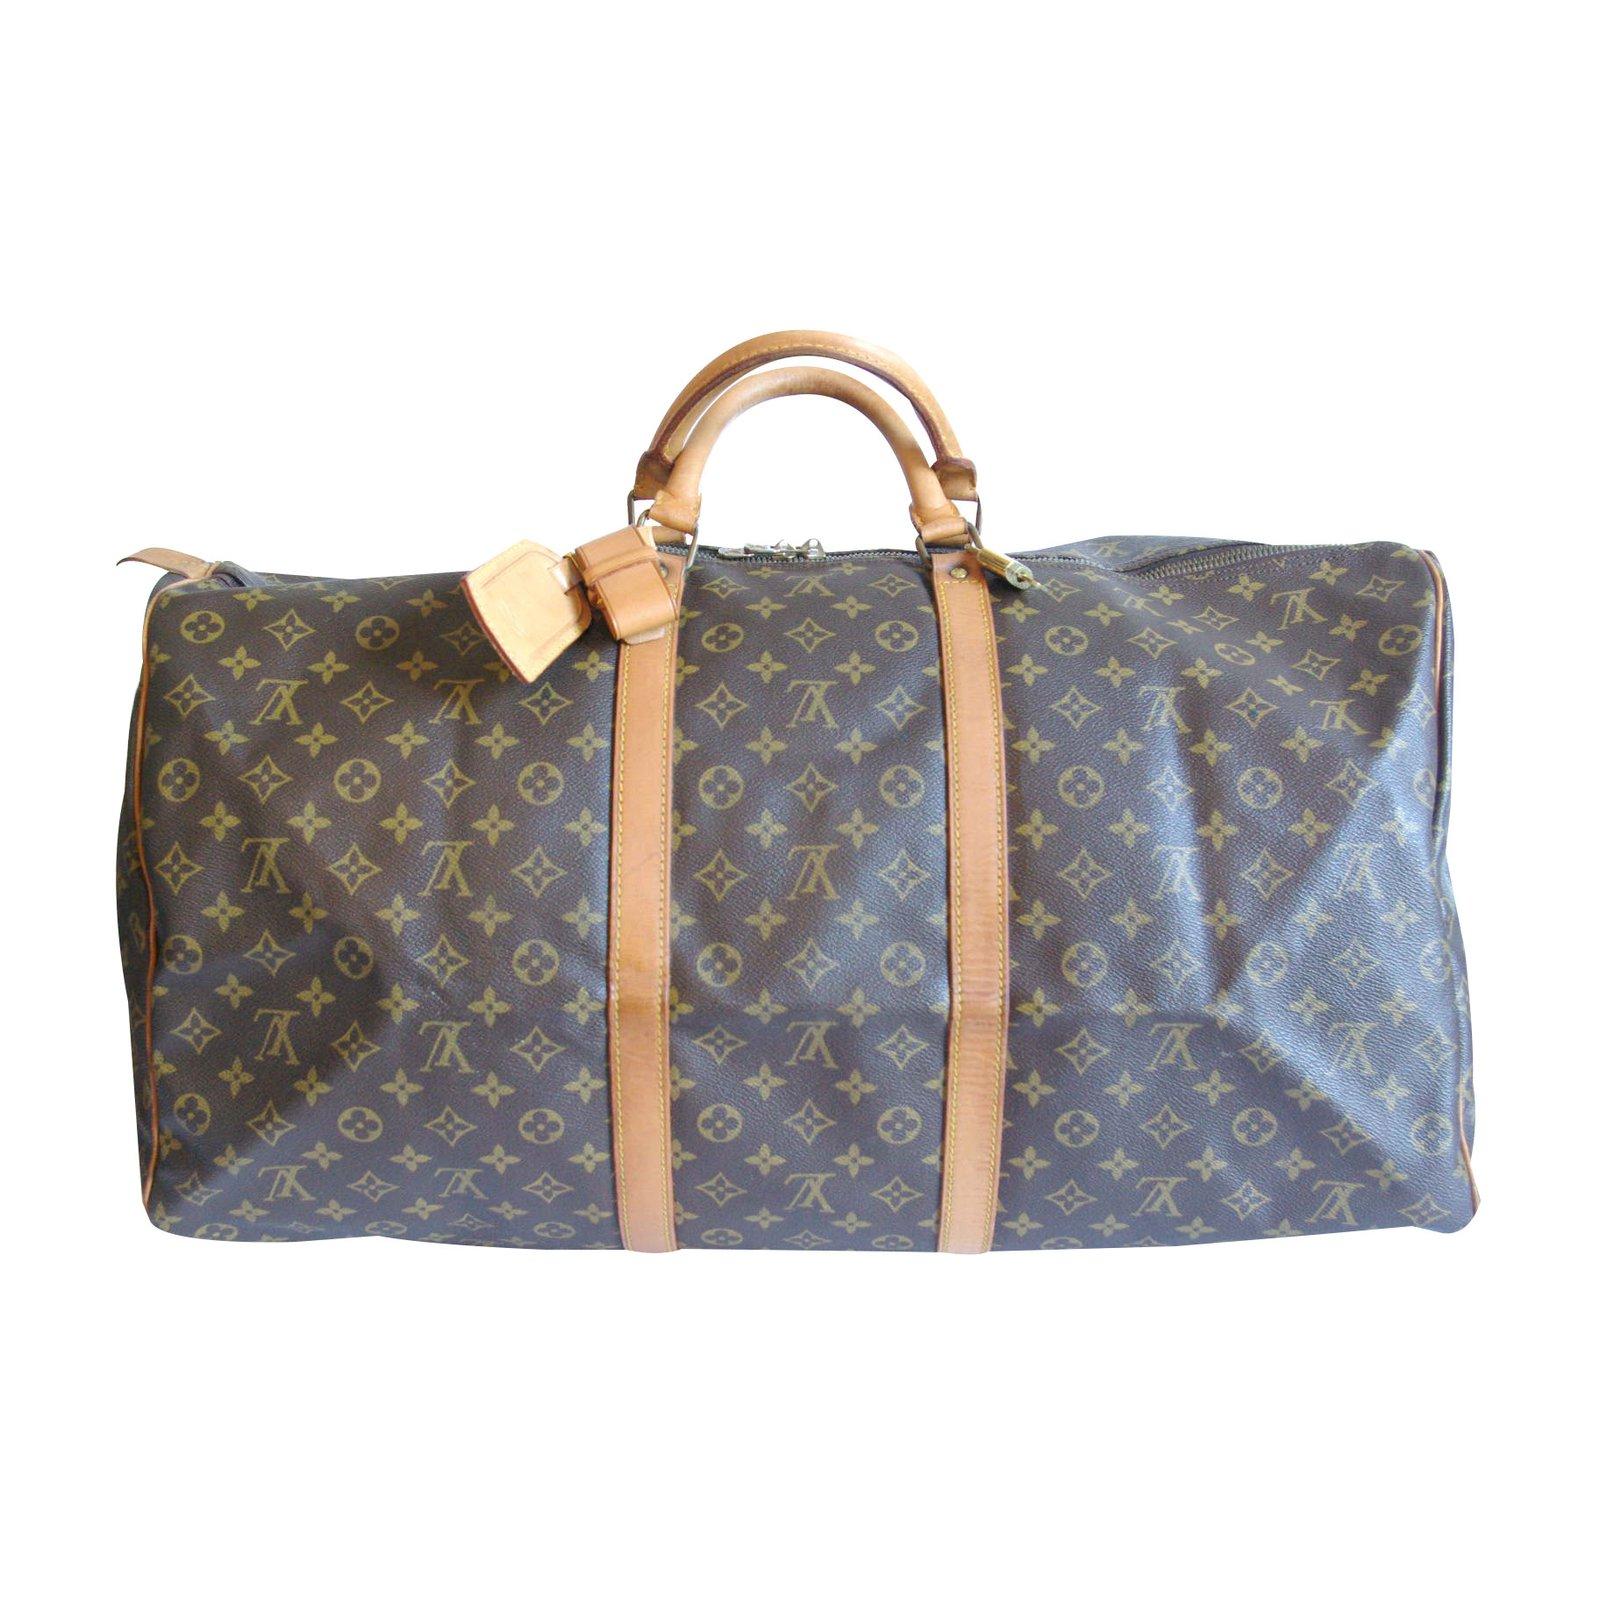 2e0d2bbda590 Sacs de voyage Louis Vuitton keepall 60 Cuir